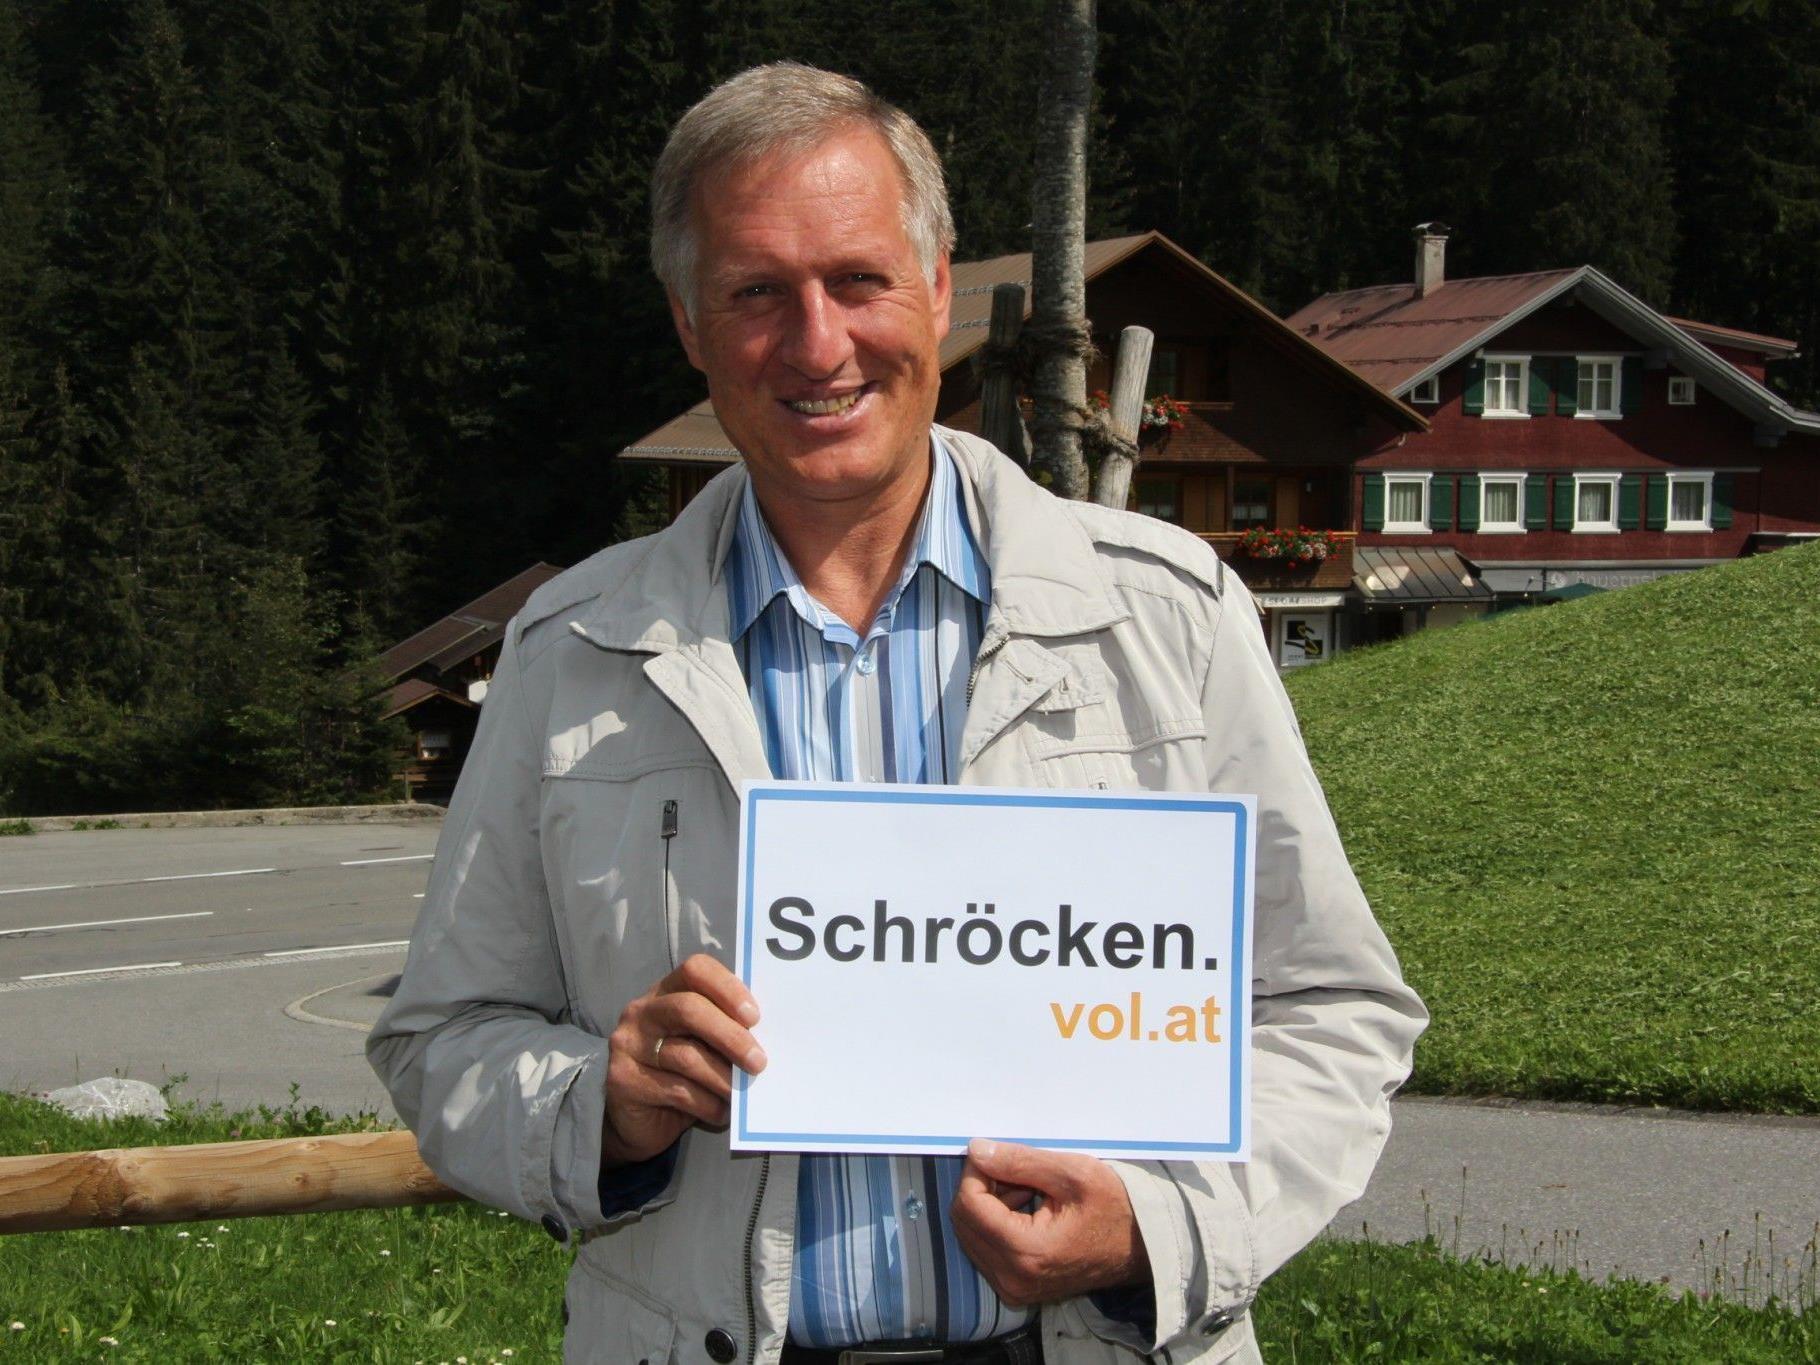 Bürgermeister Herbert Schwarzmann im Interview mit VOL.AT